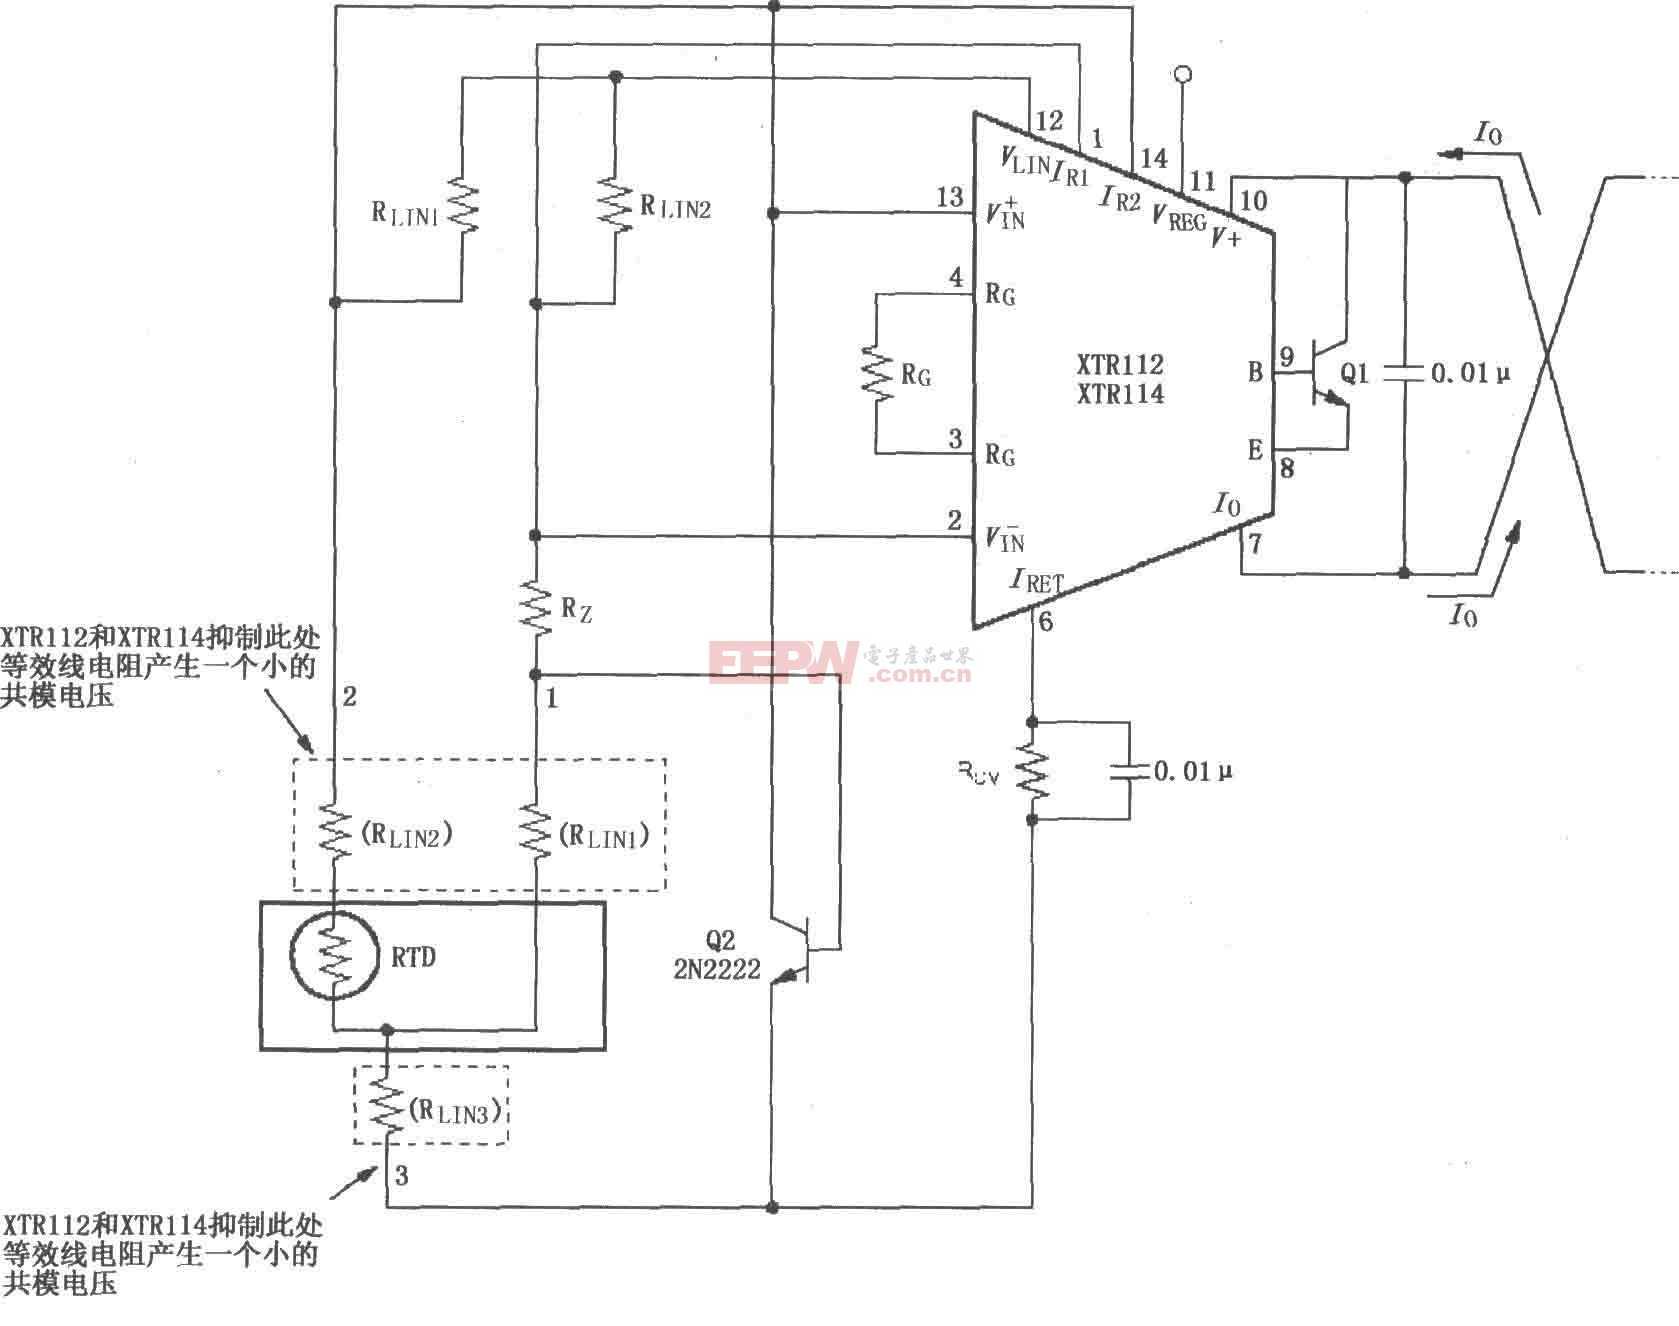 XTR112/114三线远程电阻式热探测器连接电路图